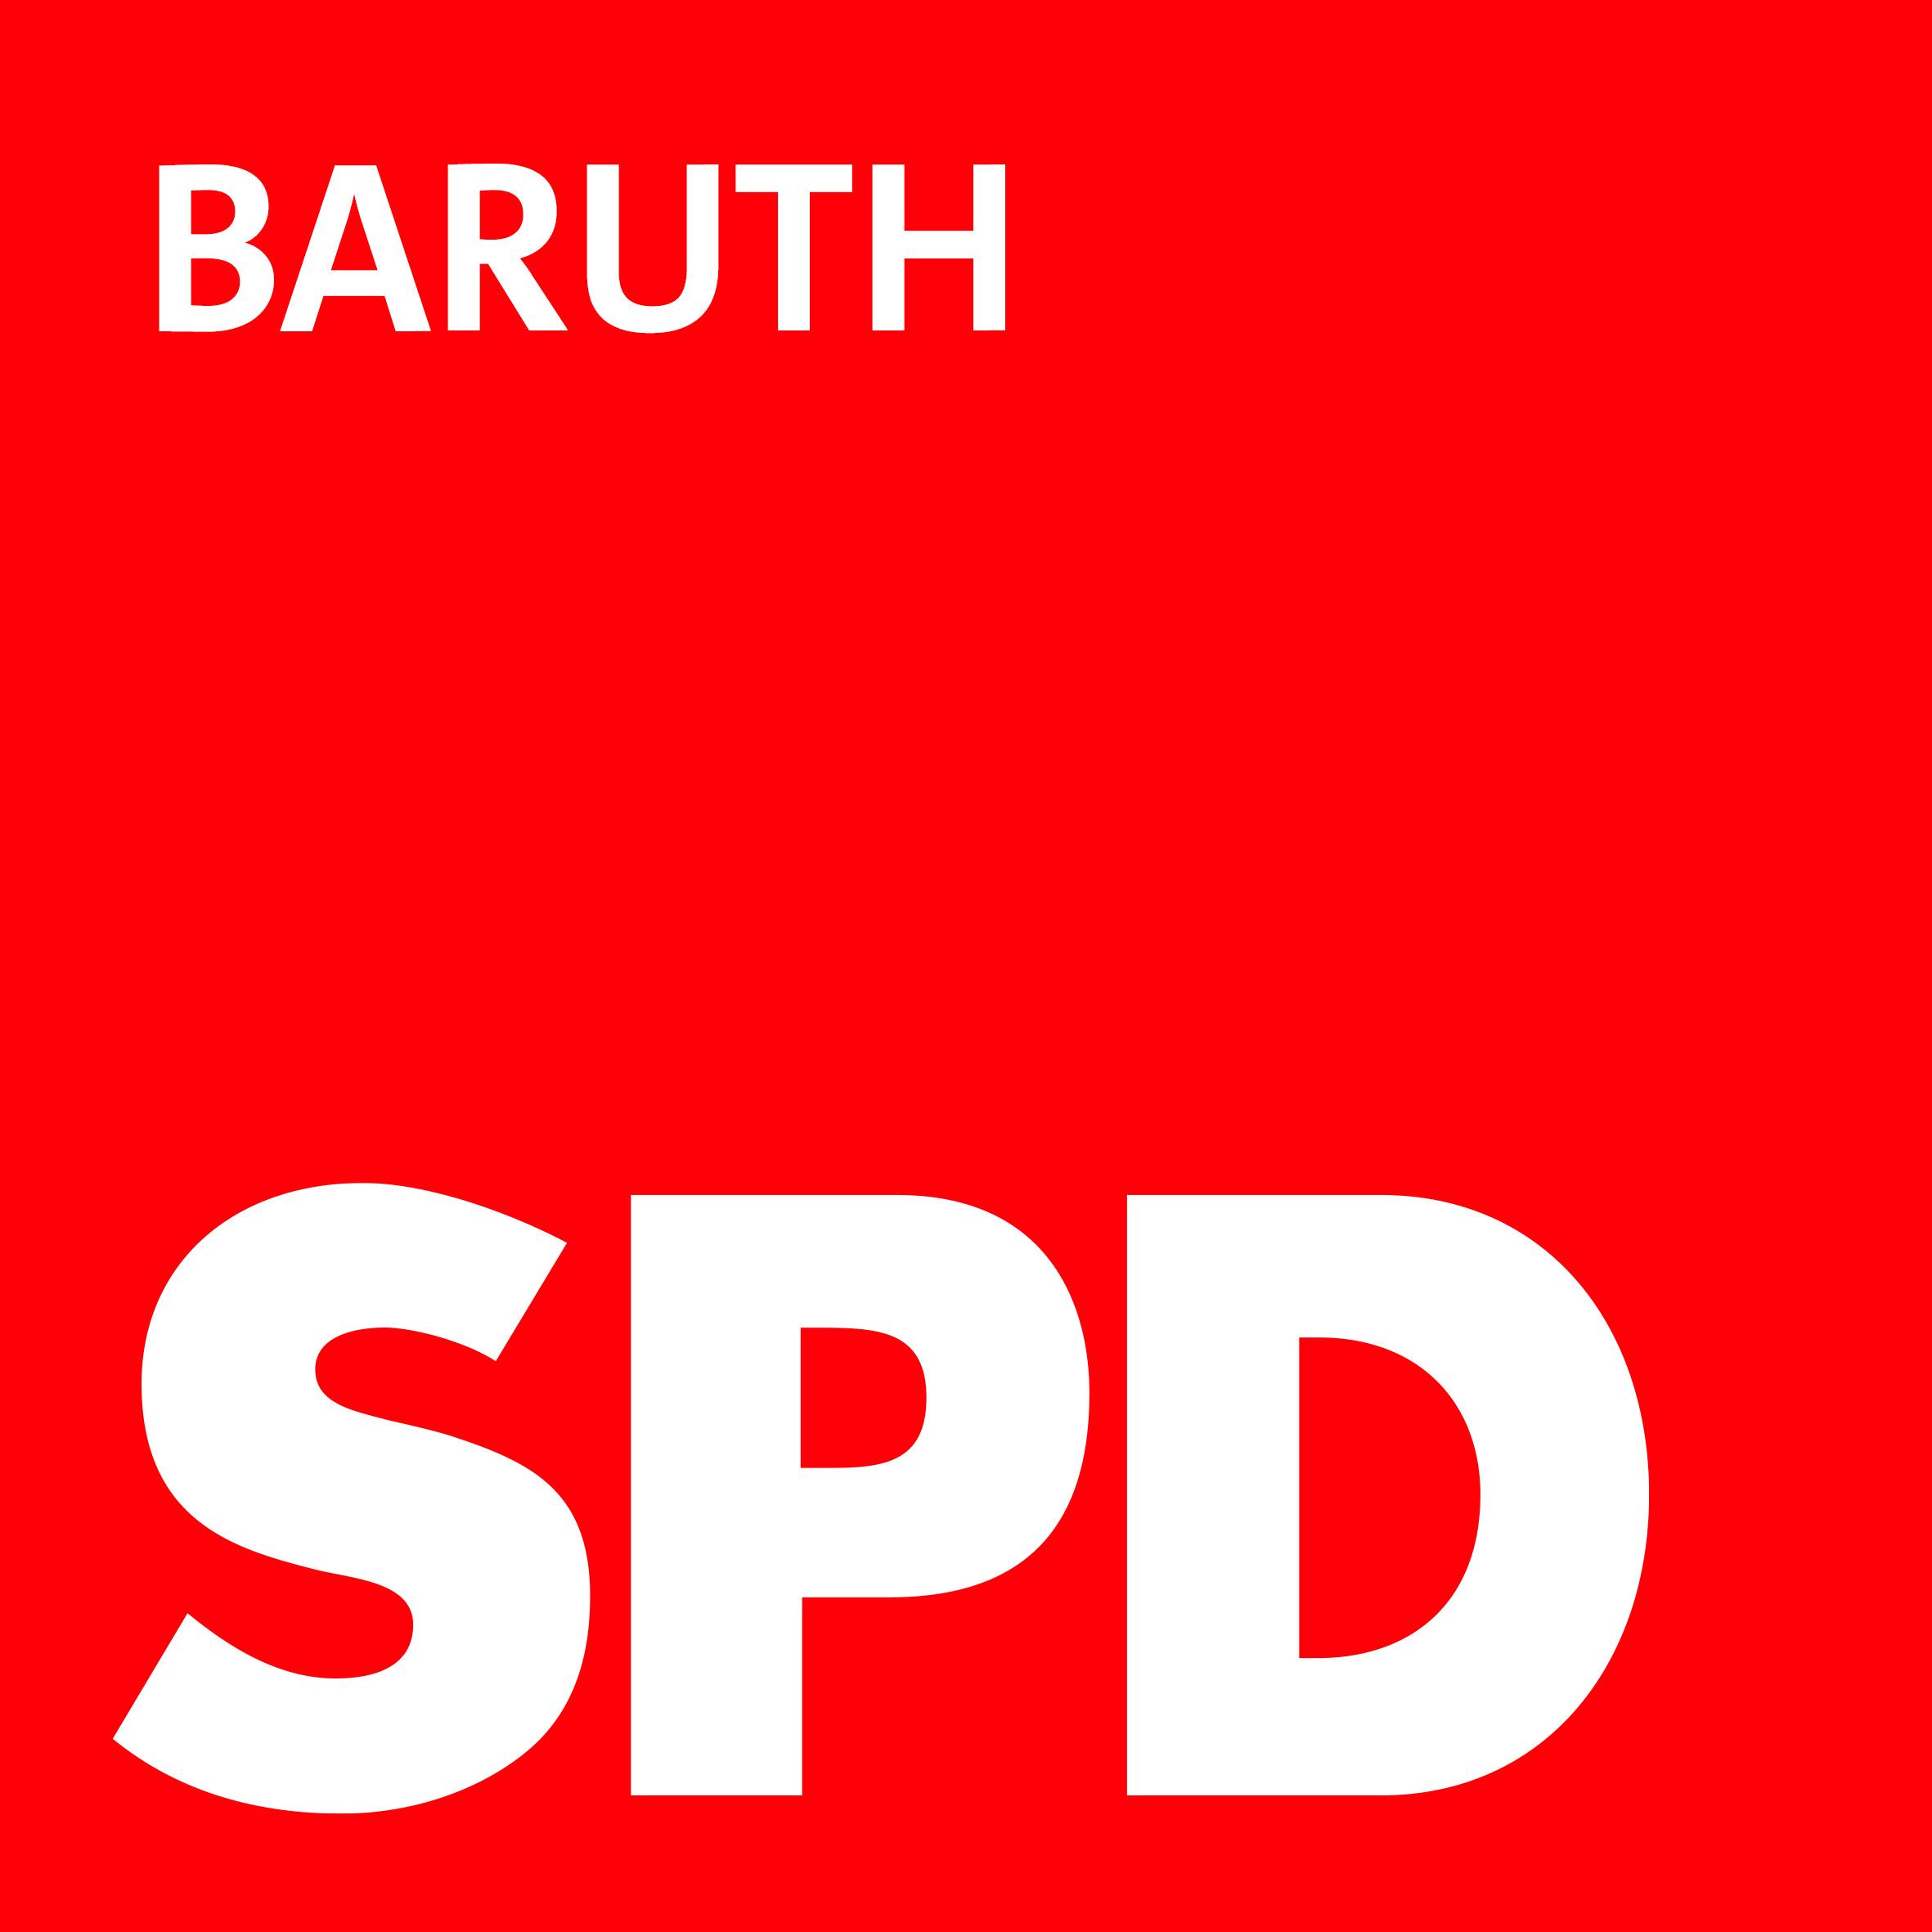 SPD Baruth/Mark